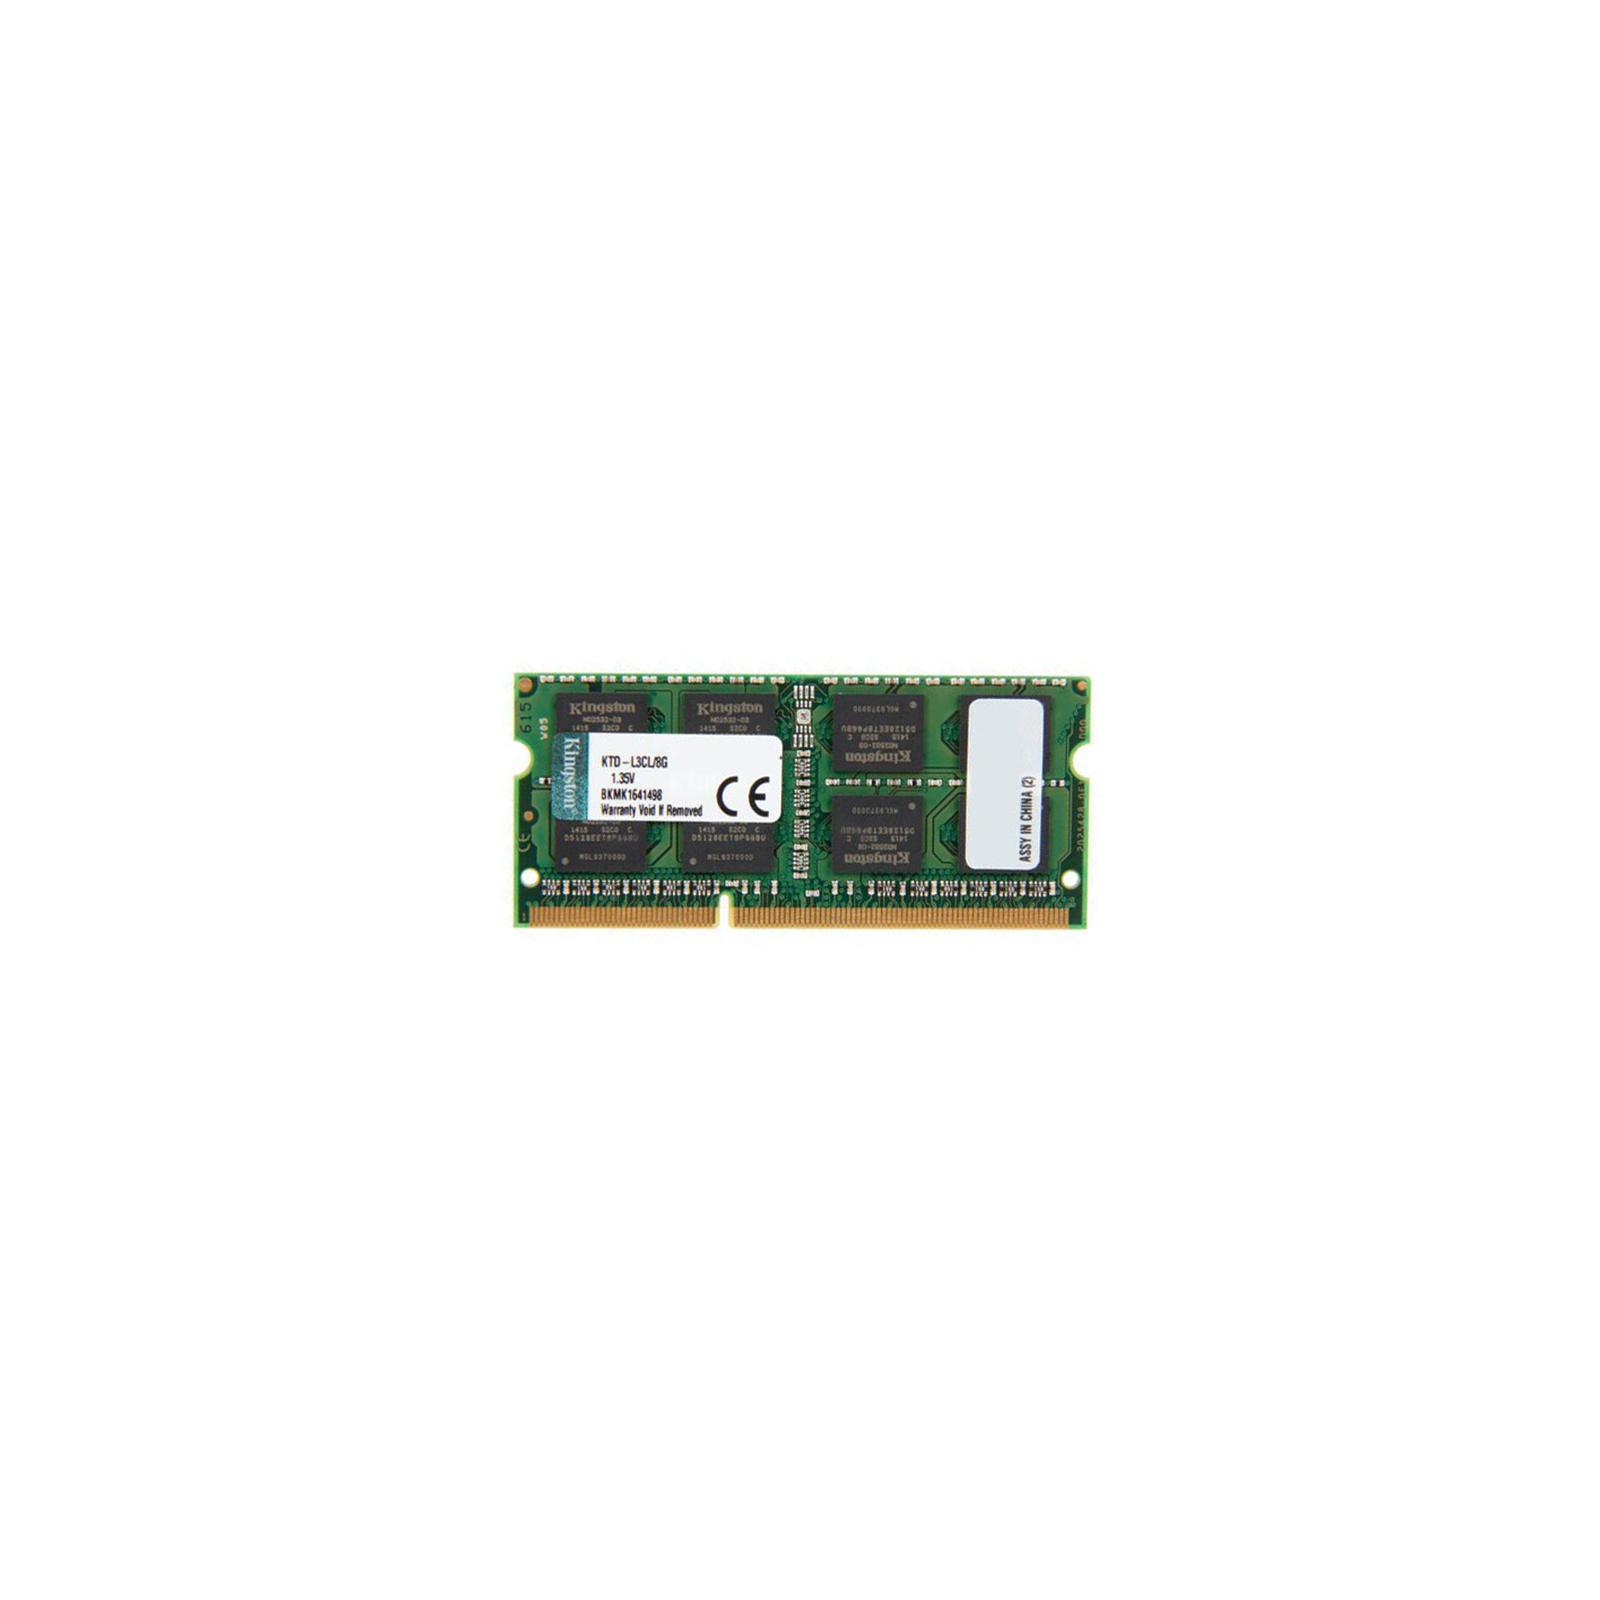 Модуль памяти для ноутбука SoDIMM DDR3 8GB 1600 MHz Kingston (KTD-L3CL/8G)